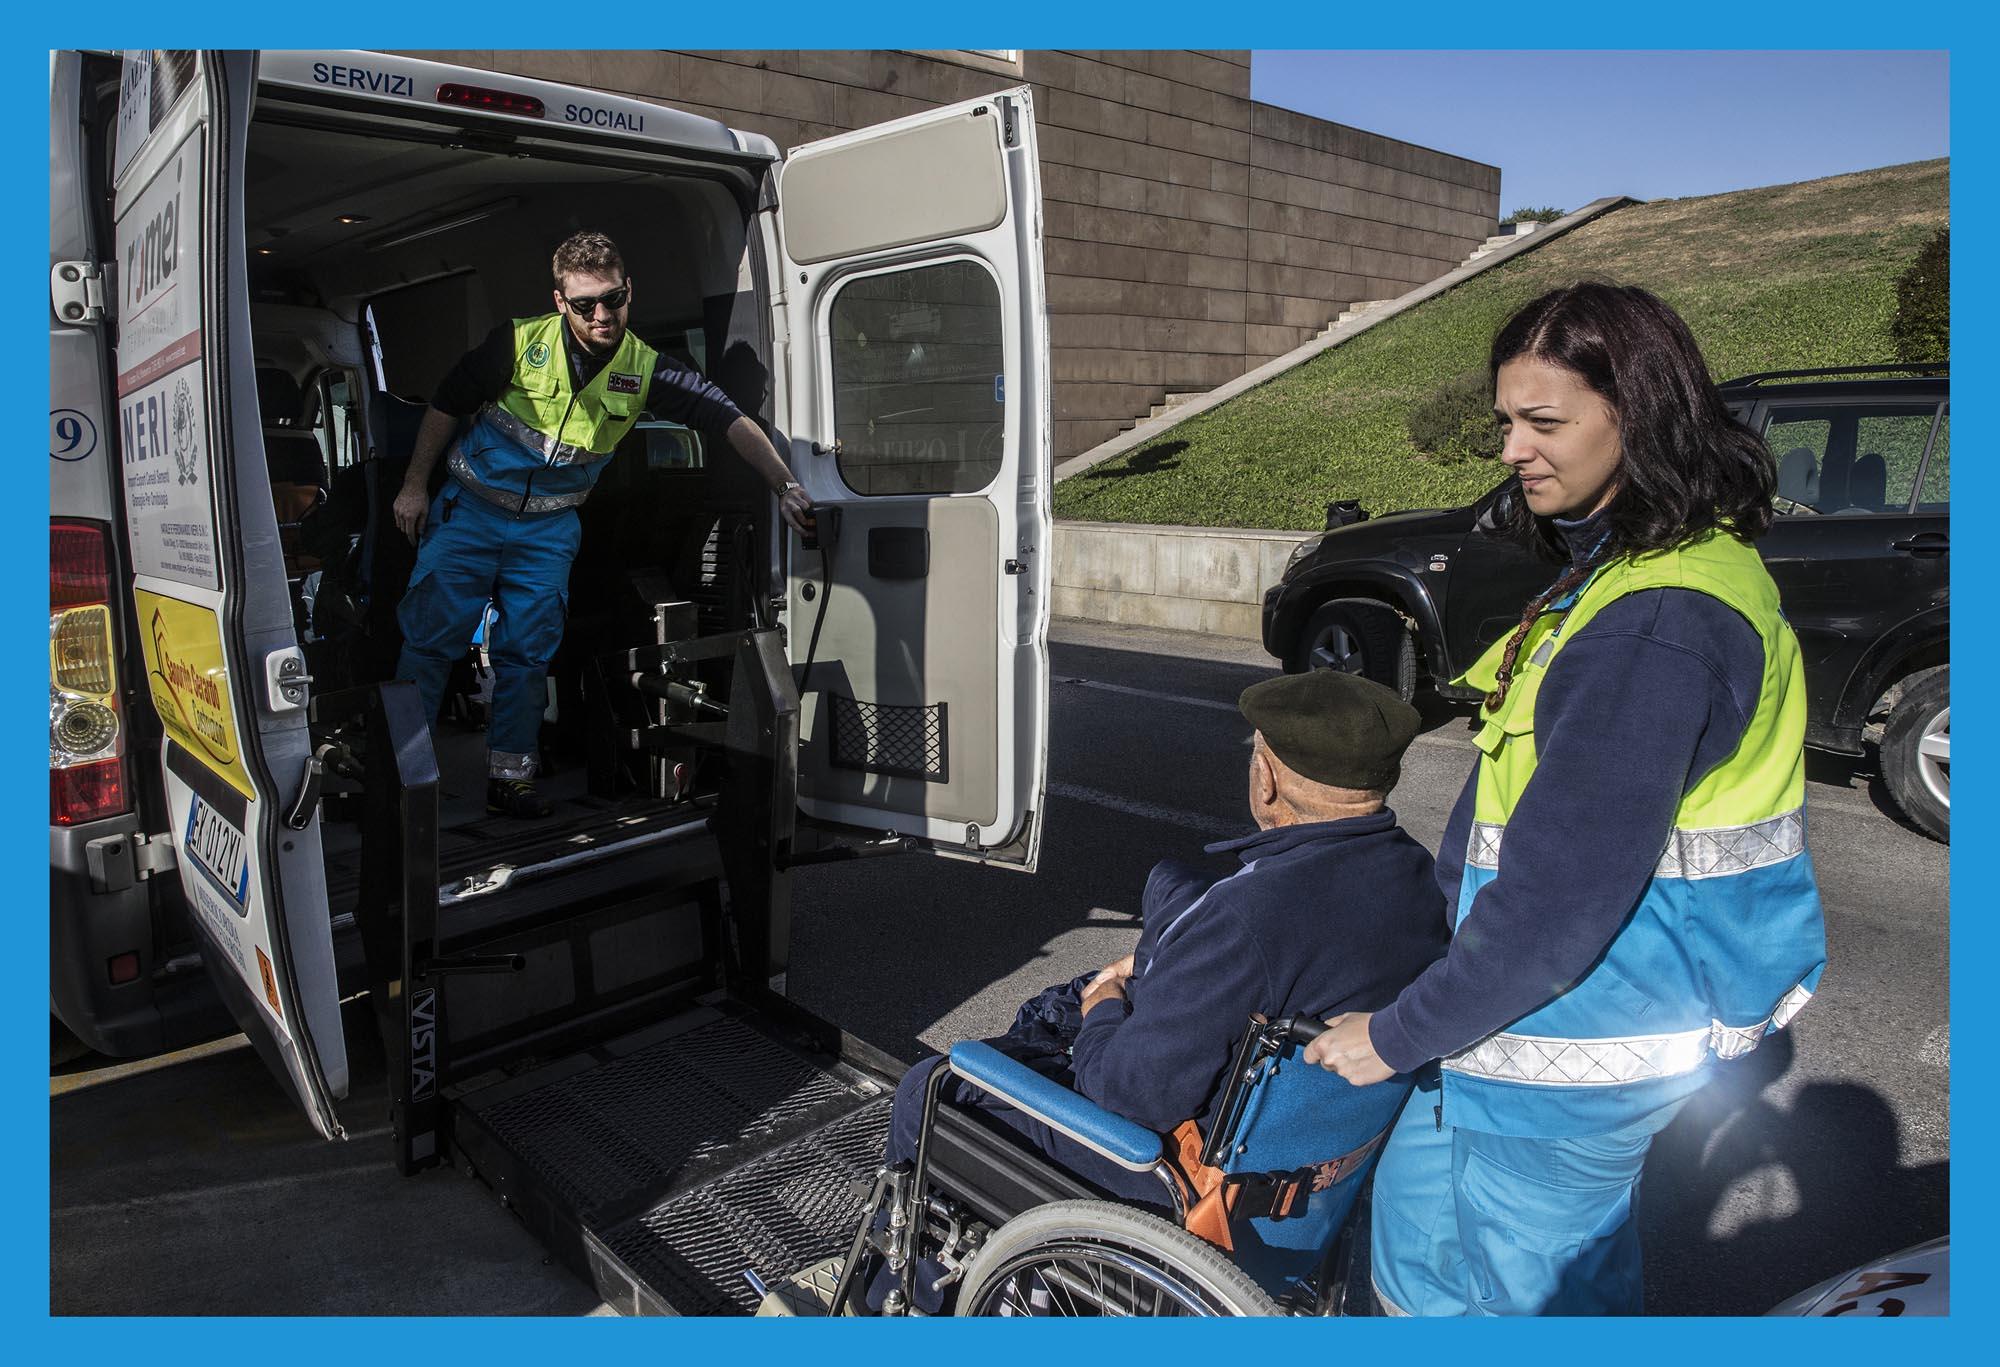 0188 Volontari soccorso e trasporto con ambulanze 1 - Volontari AVO e della Misericordia, on the other side